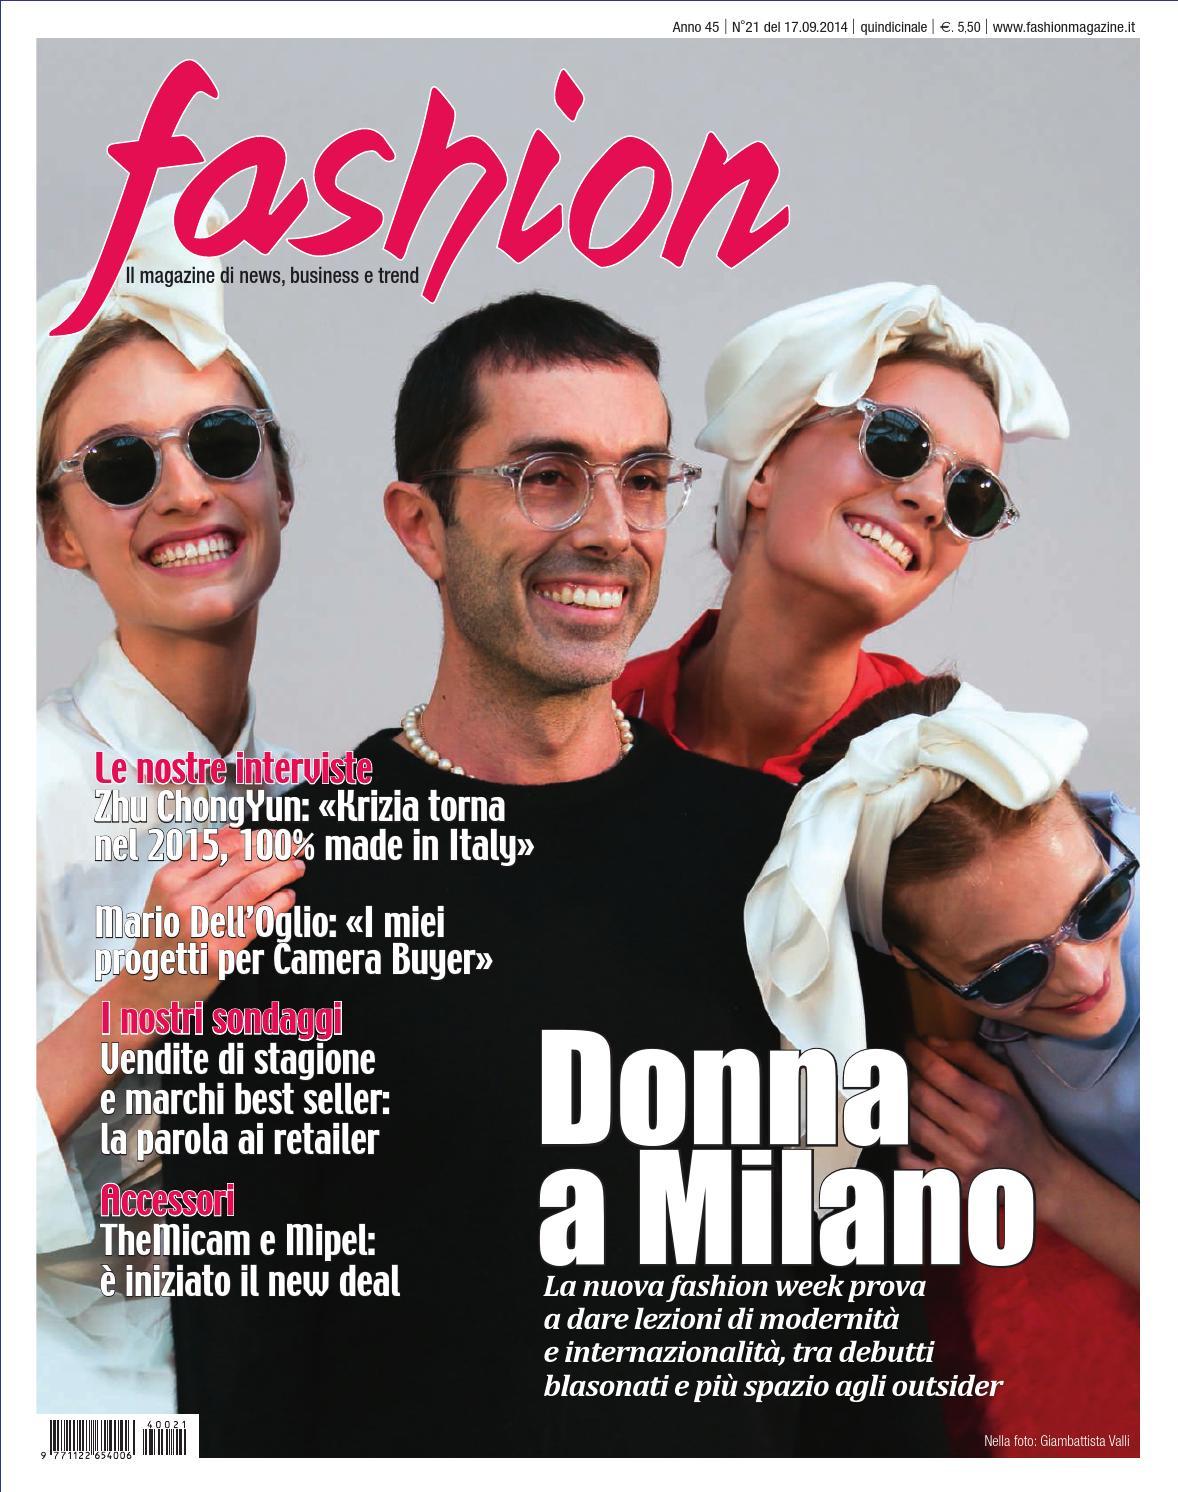 Fashion 21 2014 by Fashionmagazine - issuu ec11a37d7fd